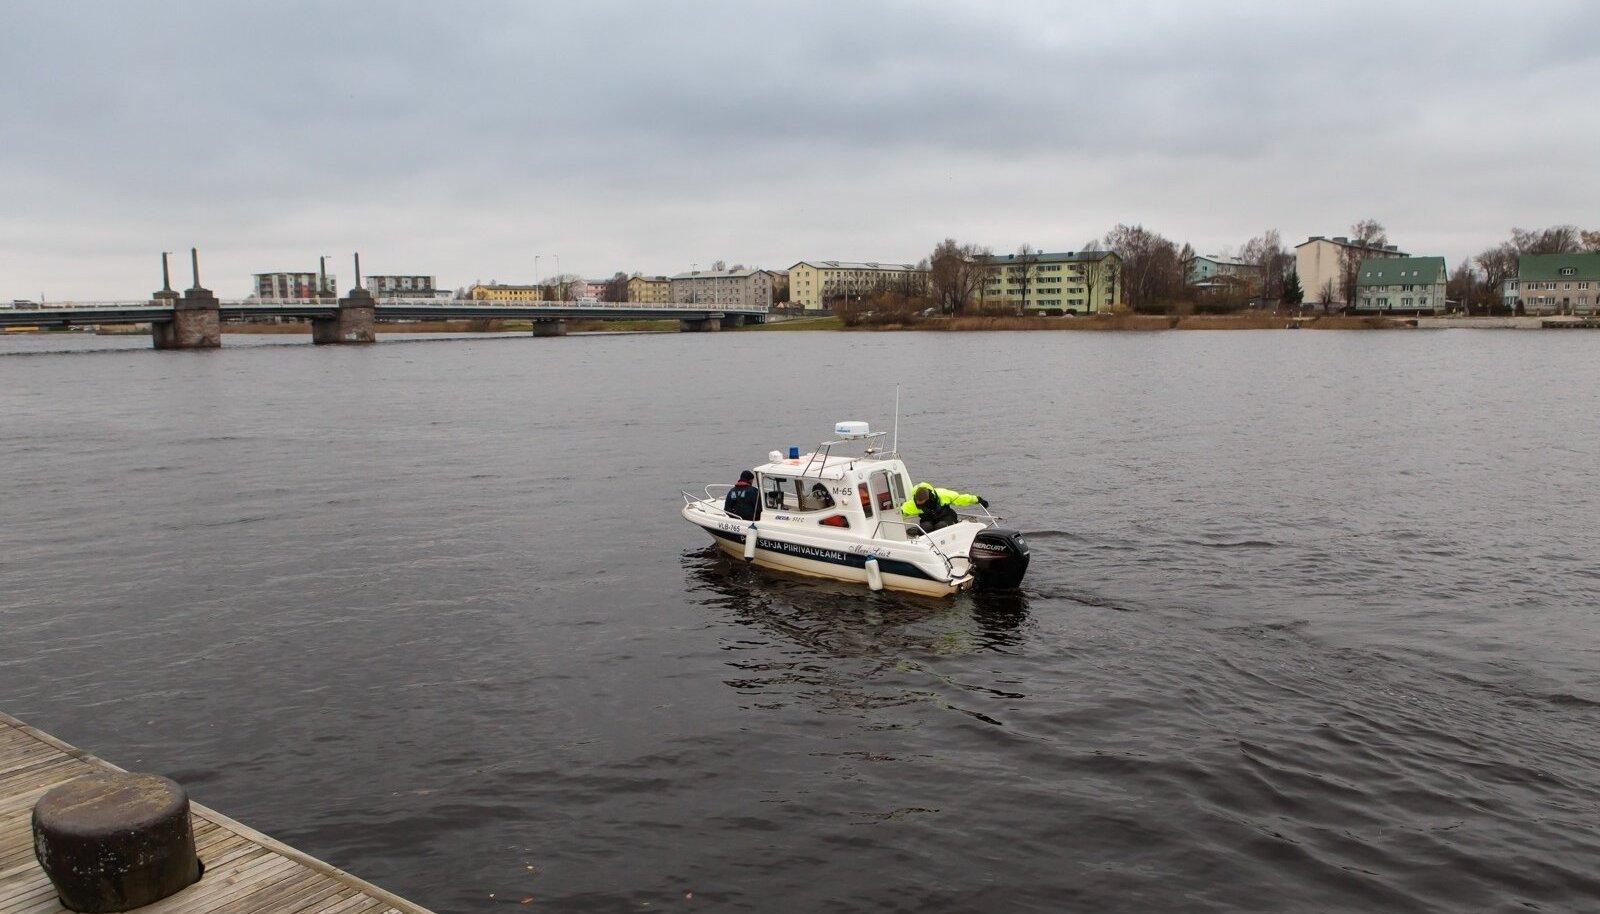 Tselluloositehas saaks vett Pärnu jõest ning heitvee laseks Liivi lahte